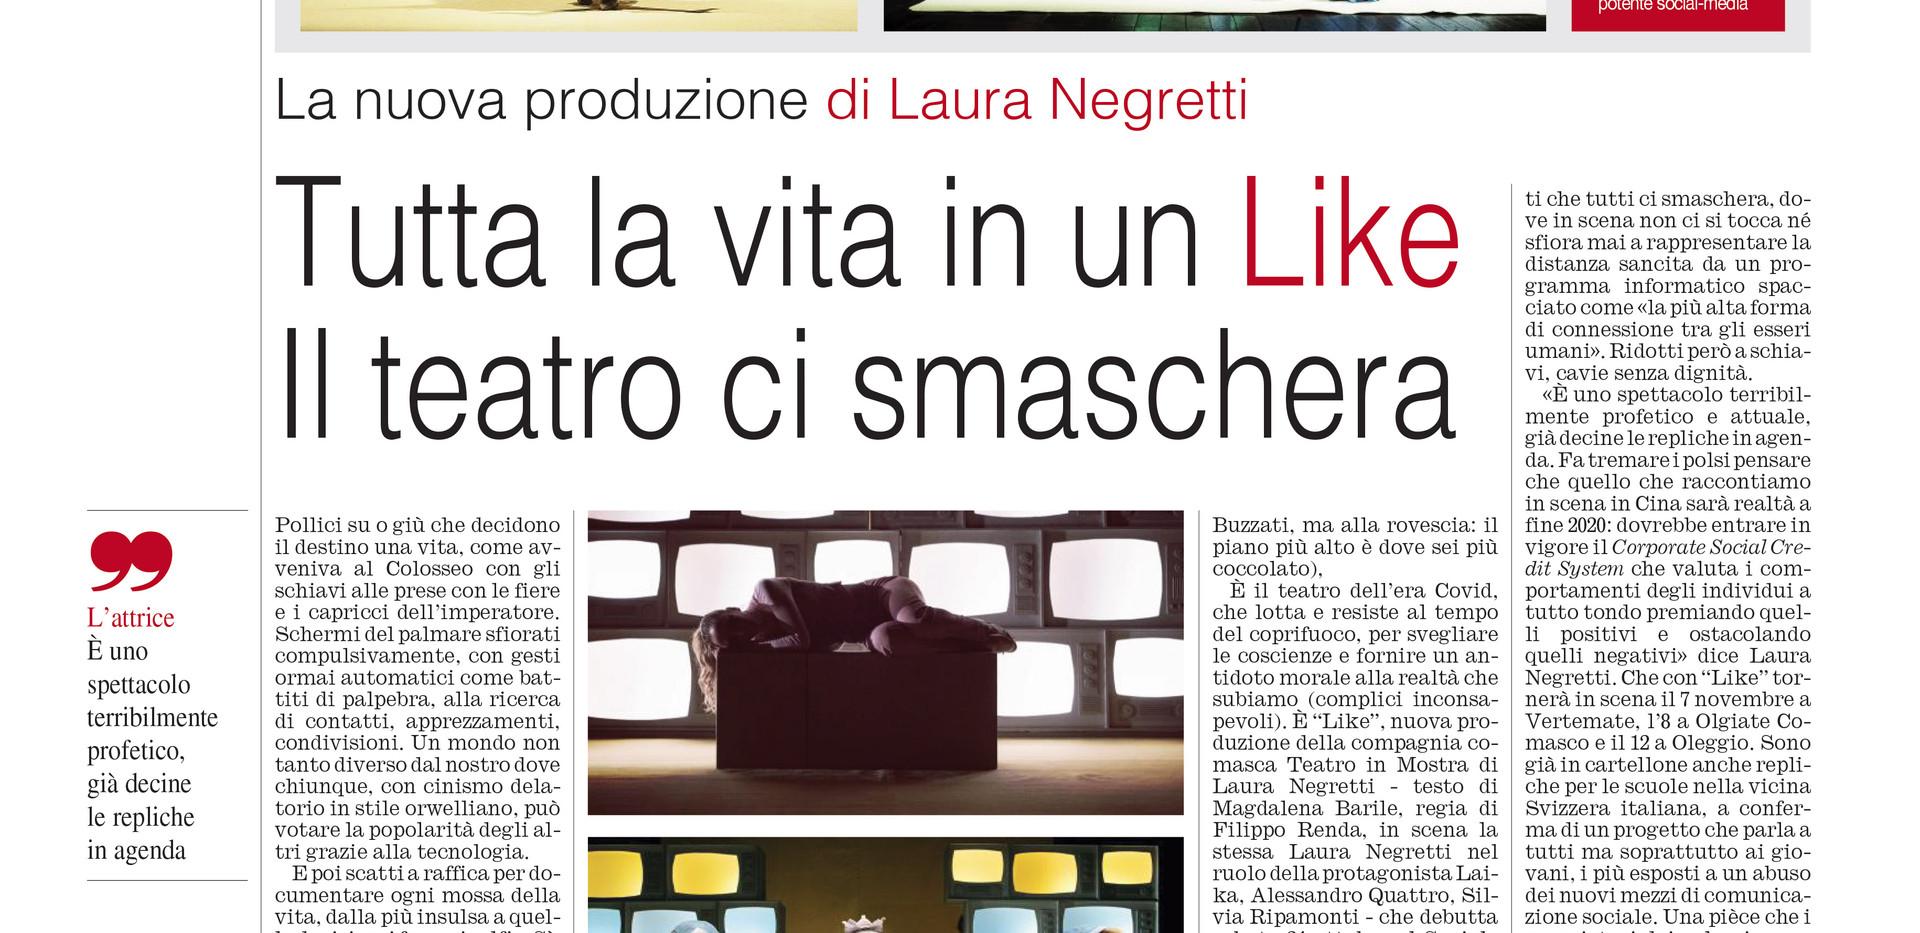 Corriere---23-Ottobre-2020-XXXX.jpg